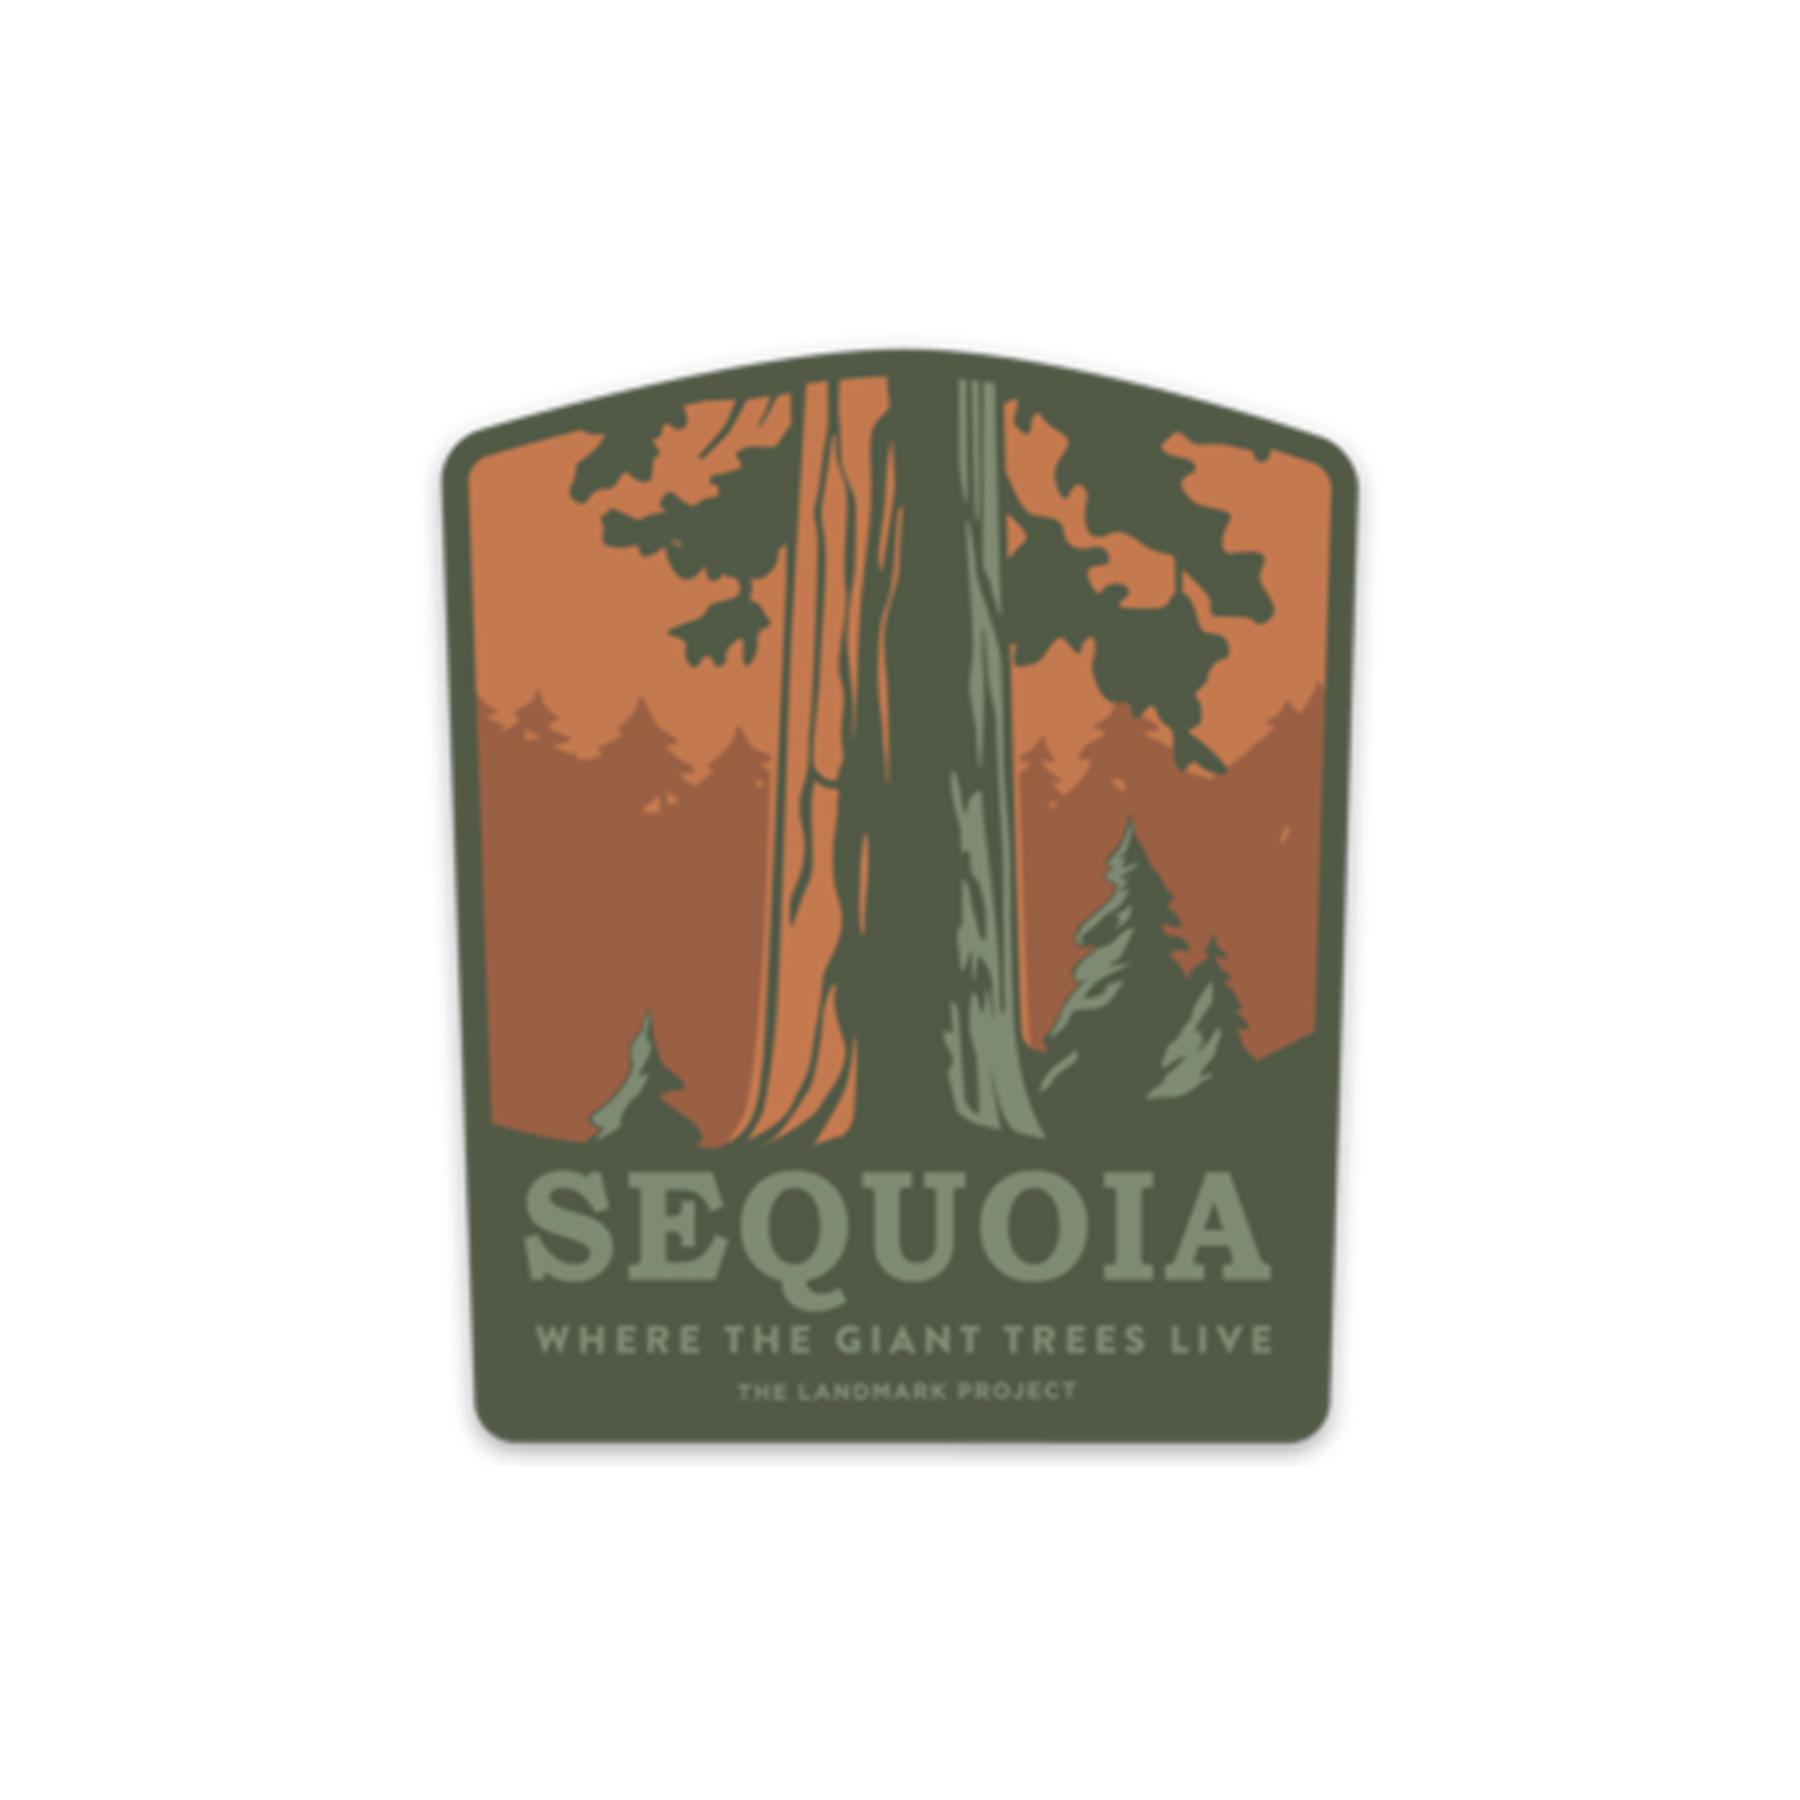 sequoia-sticker.jpg